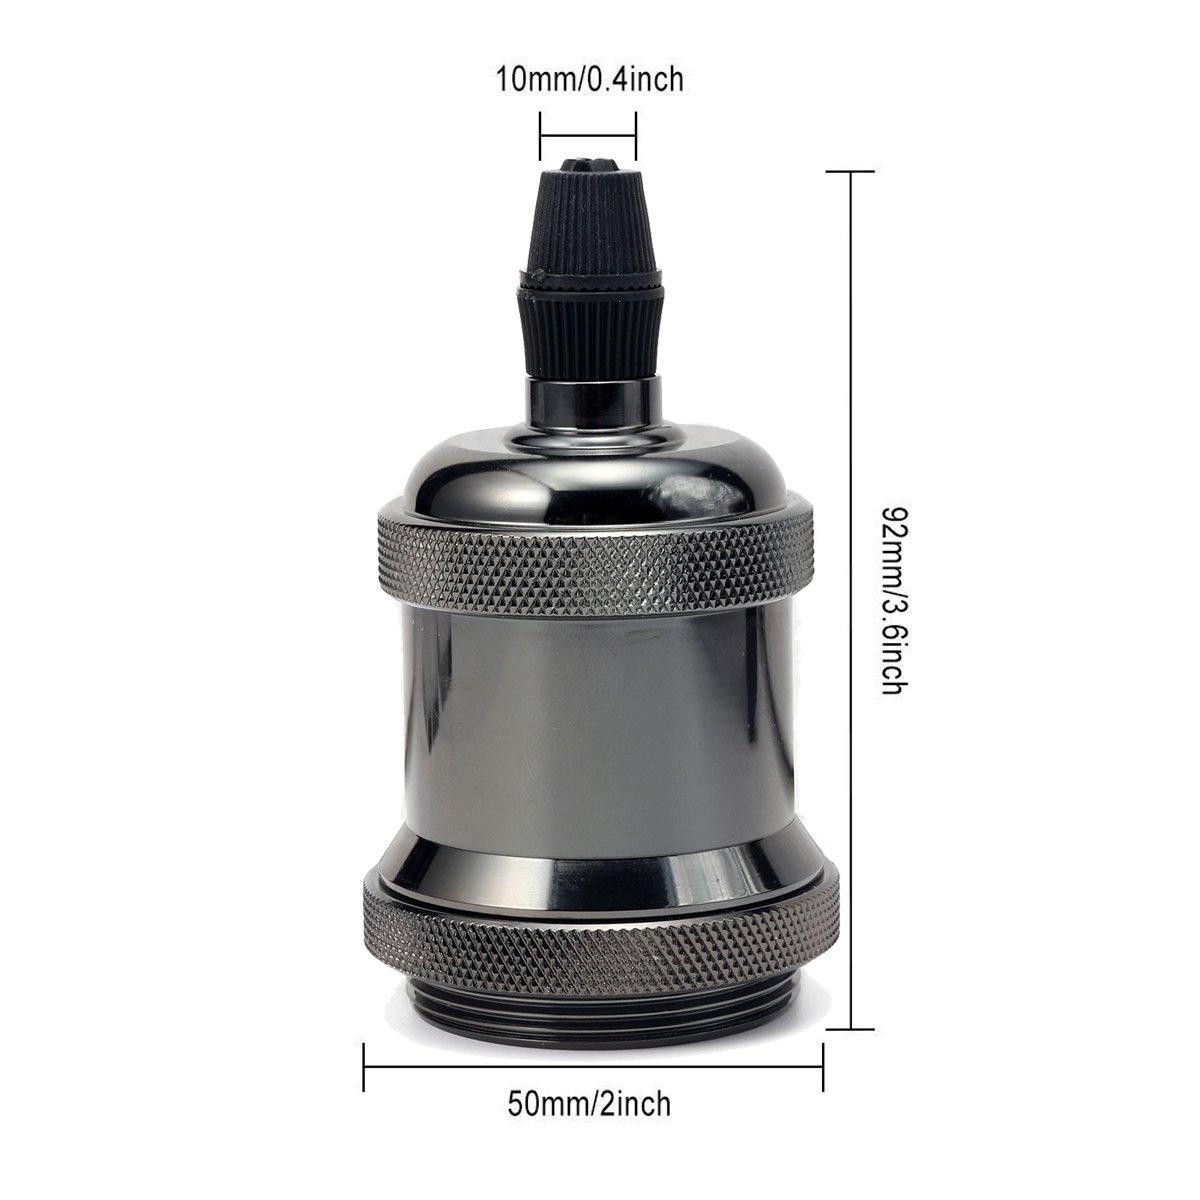 Greensun Lighting 3/Set r/étro led E27/ST64/Edison Blanc chaud Ampoule avec culot E27/douille dampoule Culot E27/Support comme d/écoration lampe suspension Suspension /Éclairage 220.0 voltsV